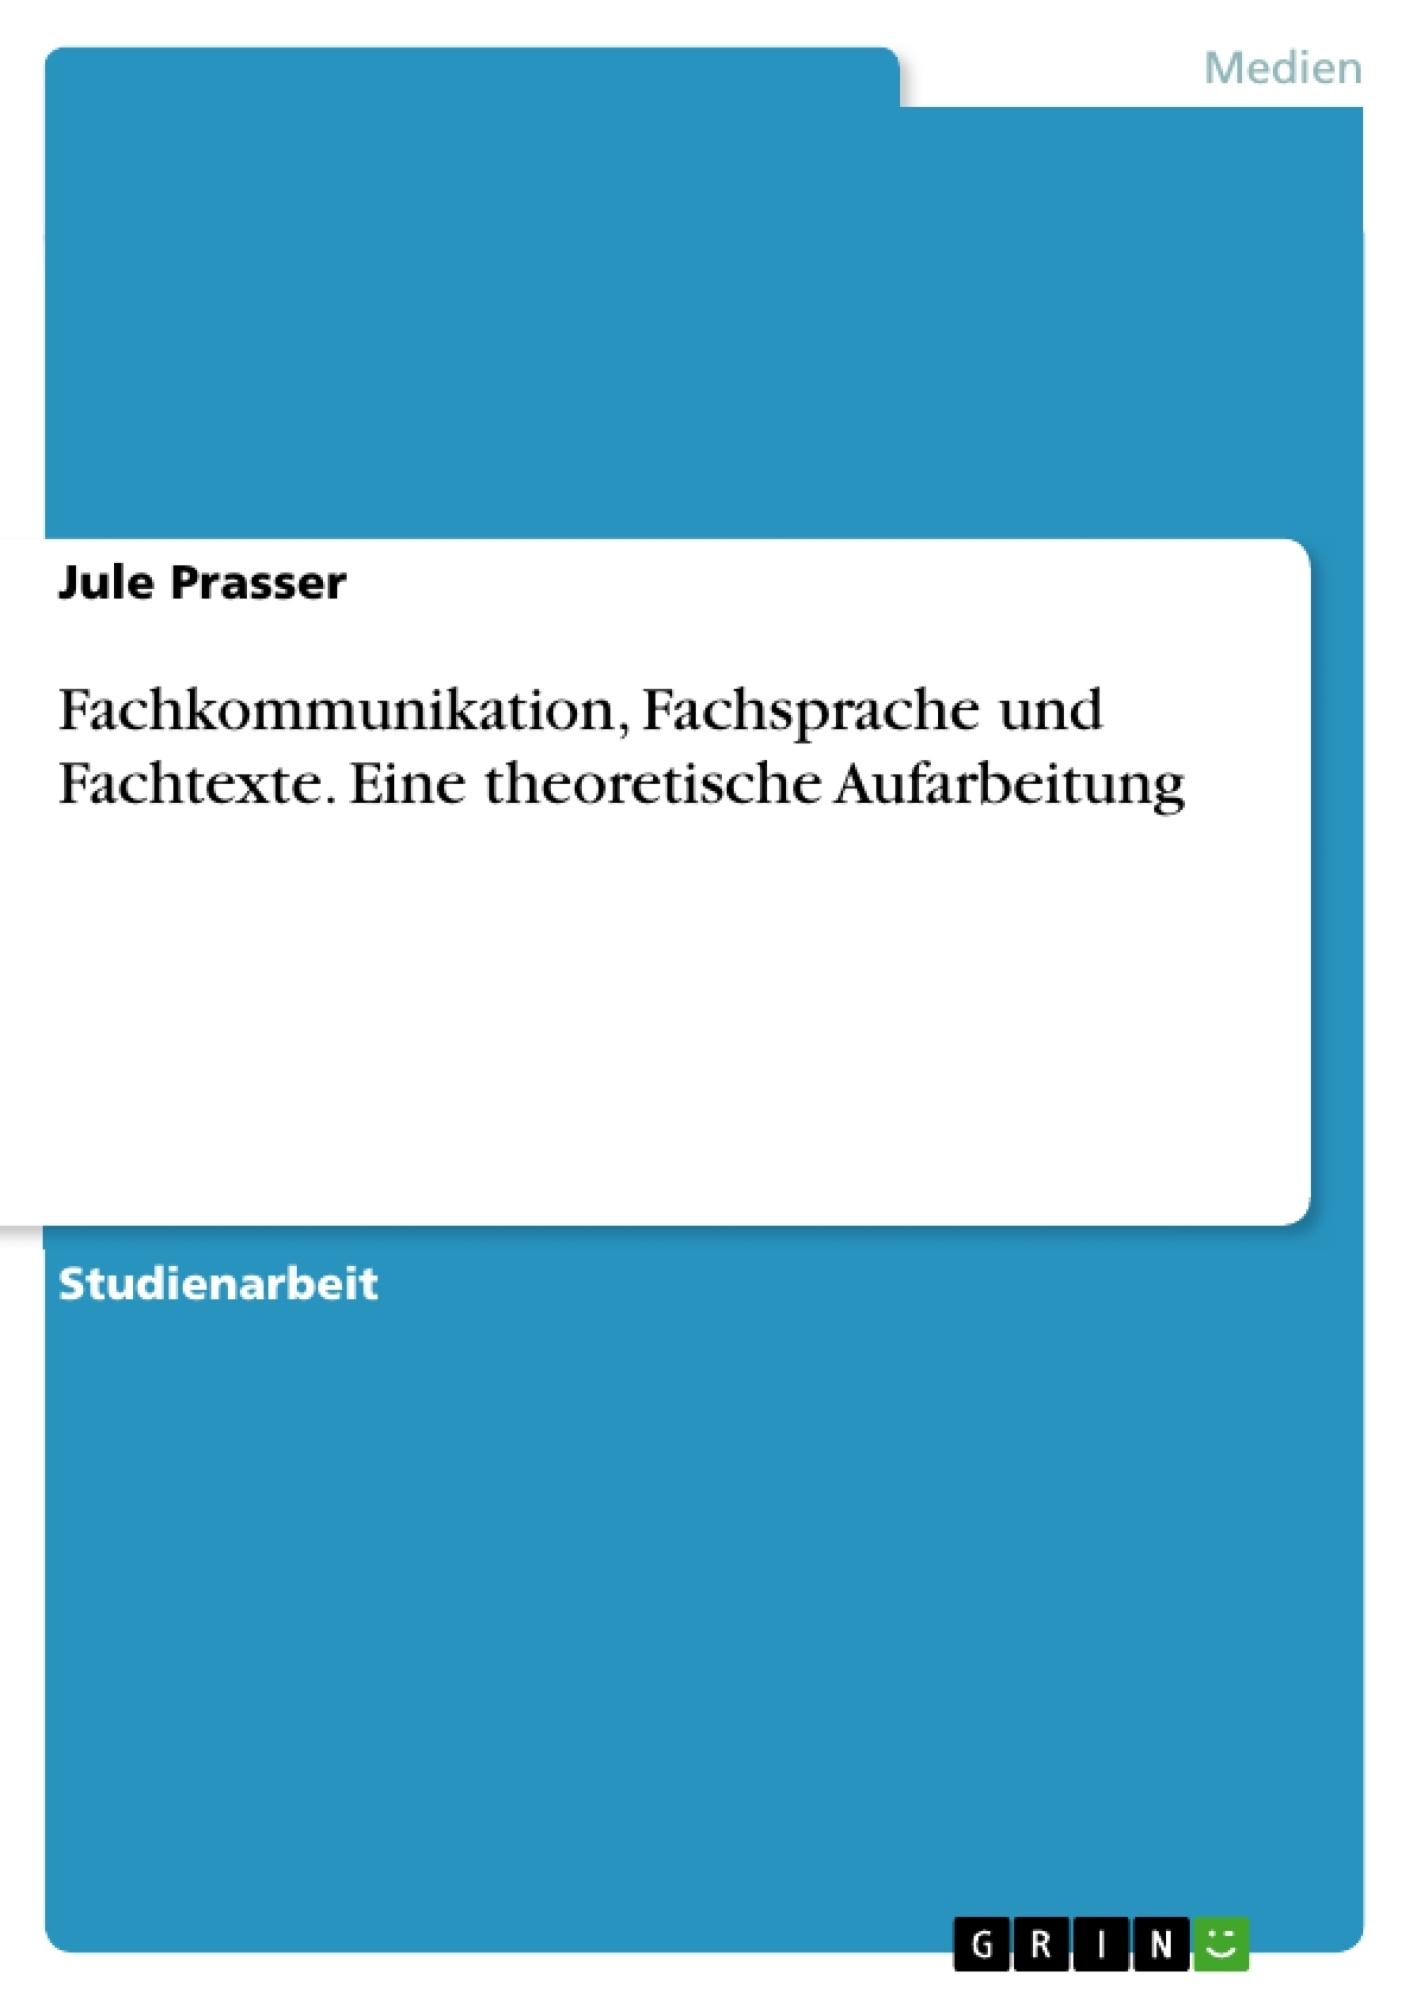 Titel: Fachkommunikation, Fachsprache und Fachtexte. Eine theoretische Aufarbeitung